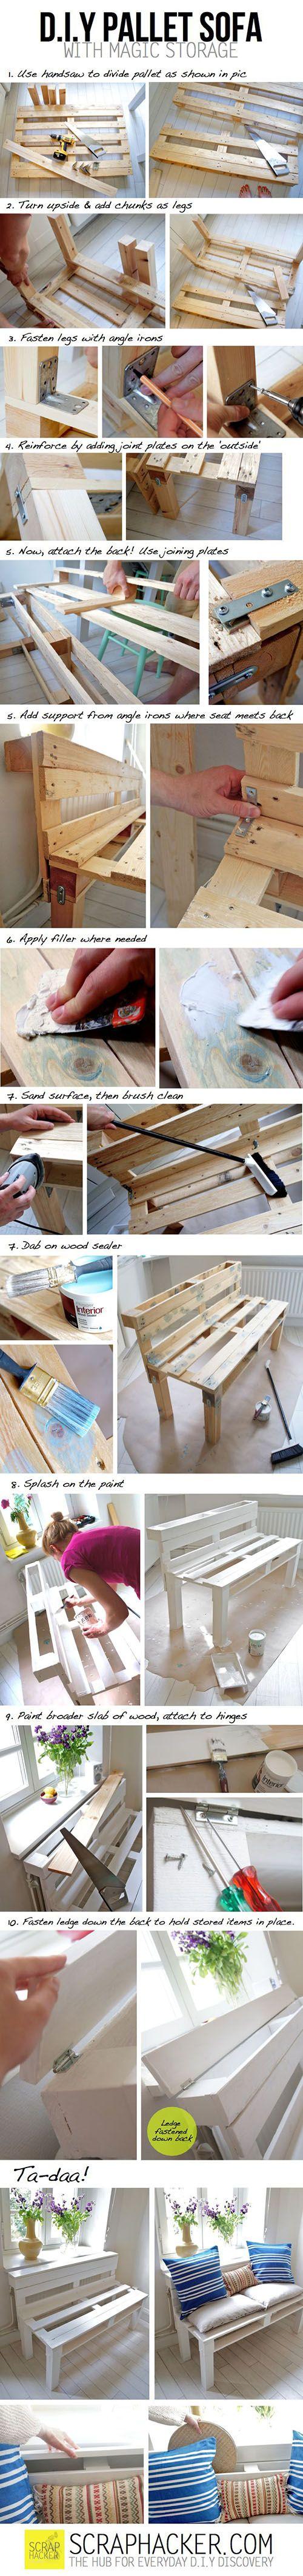 Diy Pallet Sofa | DIY & Crafts